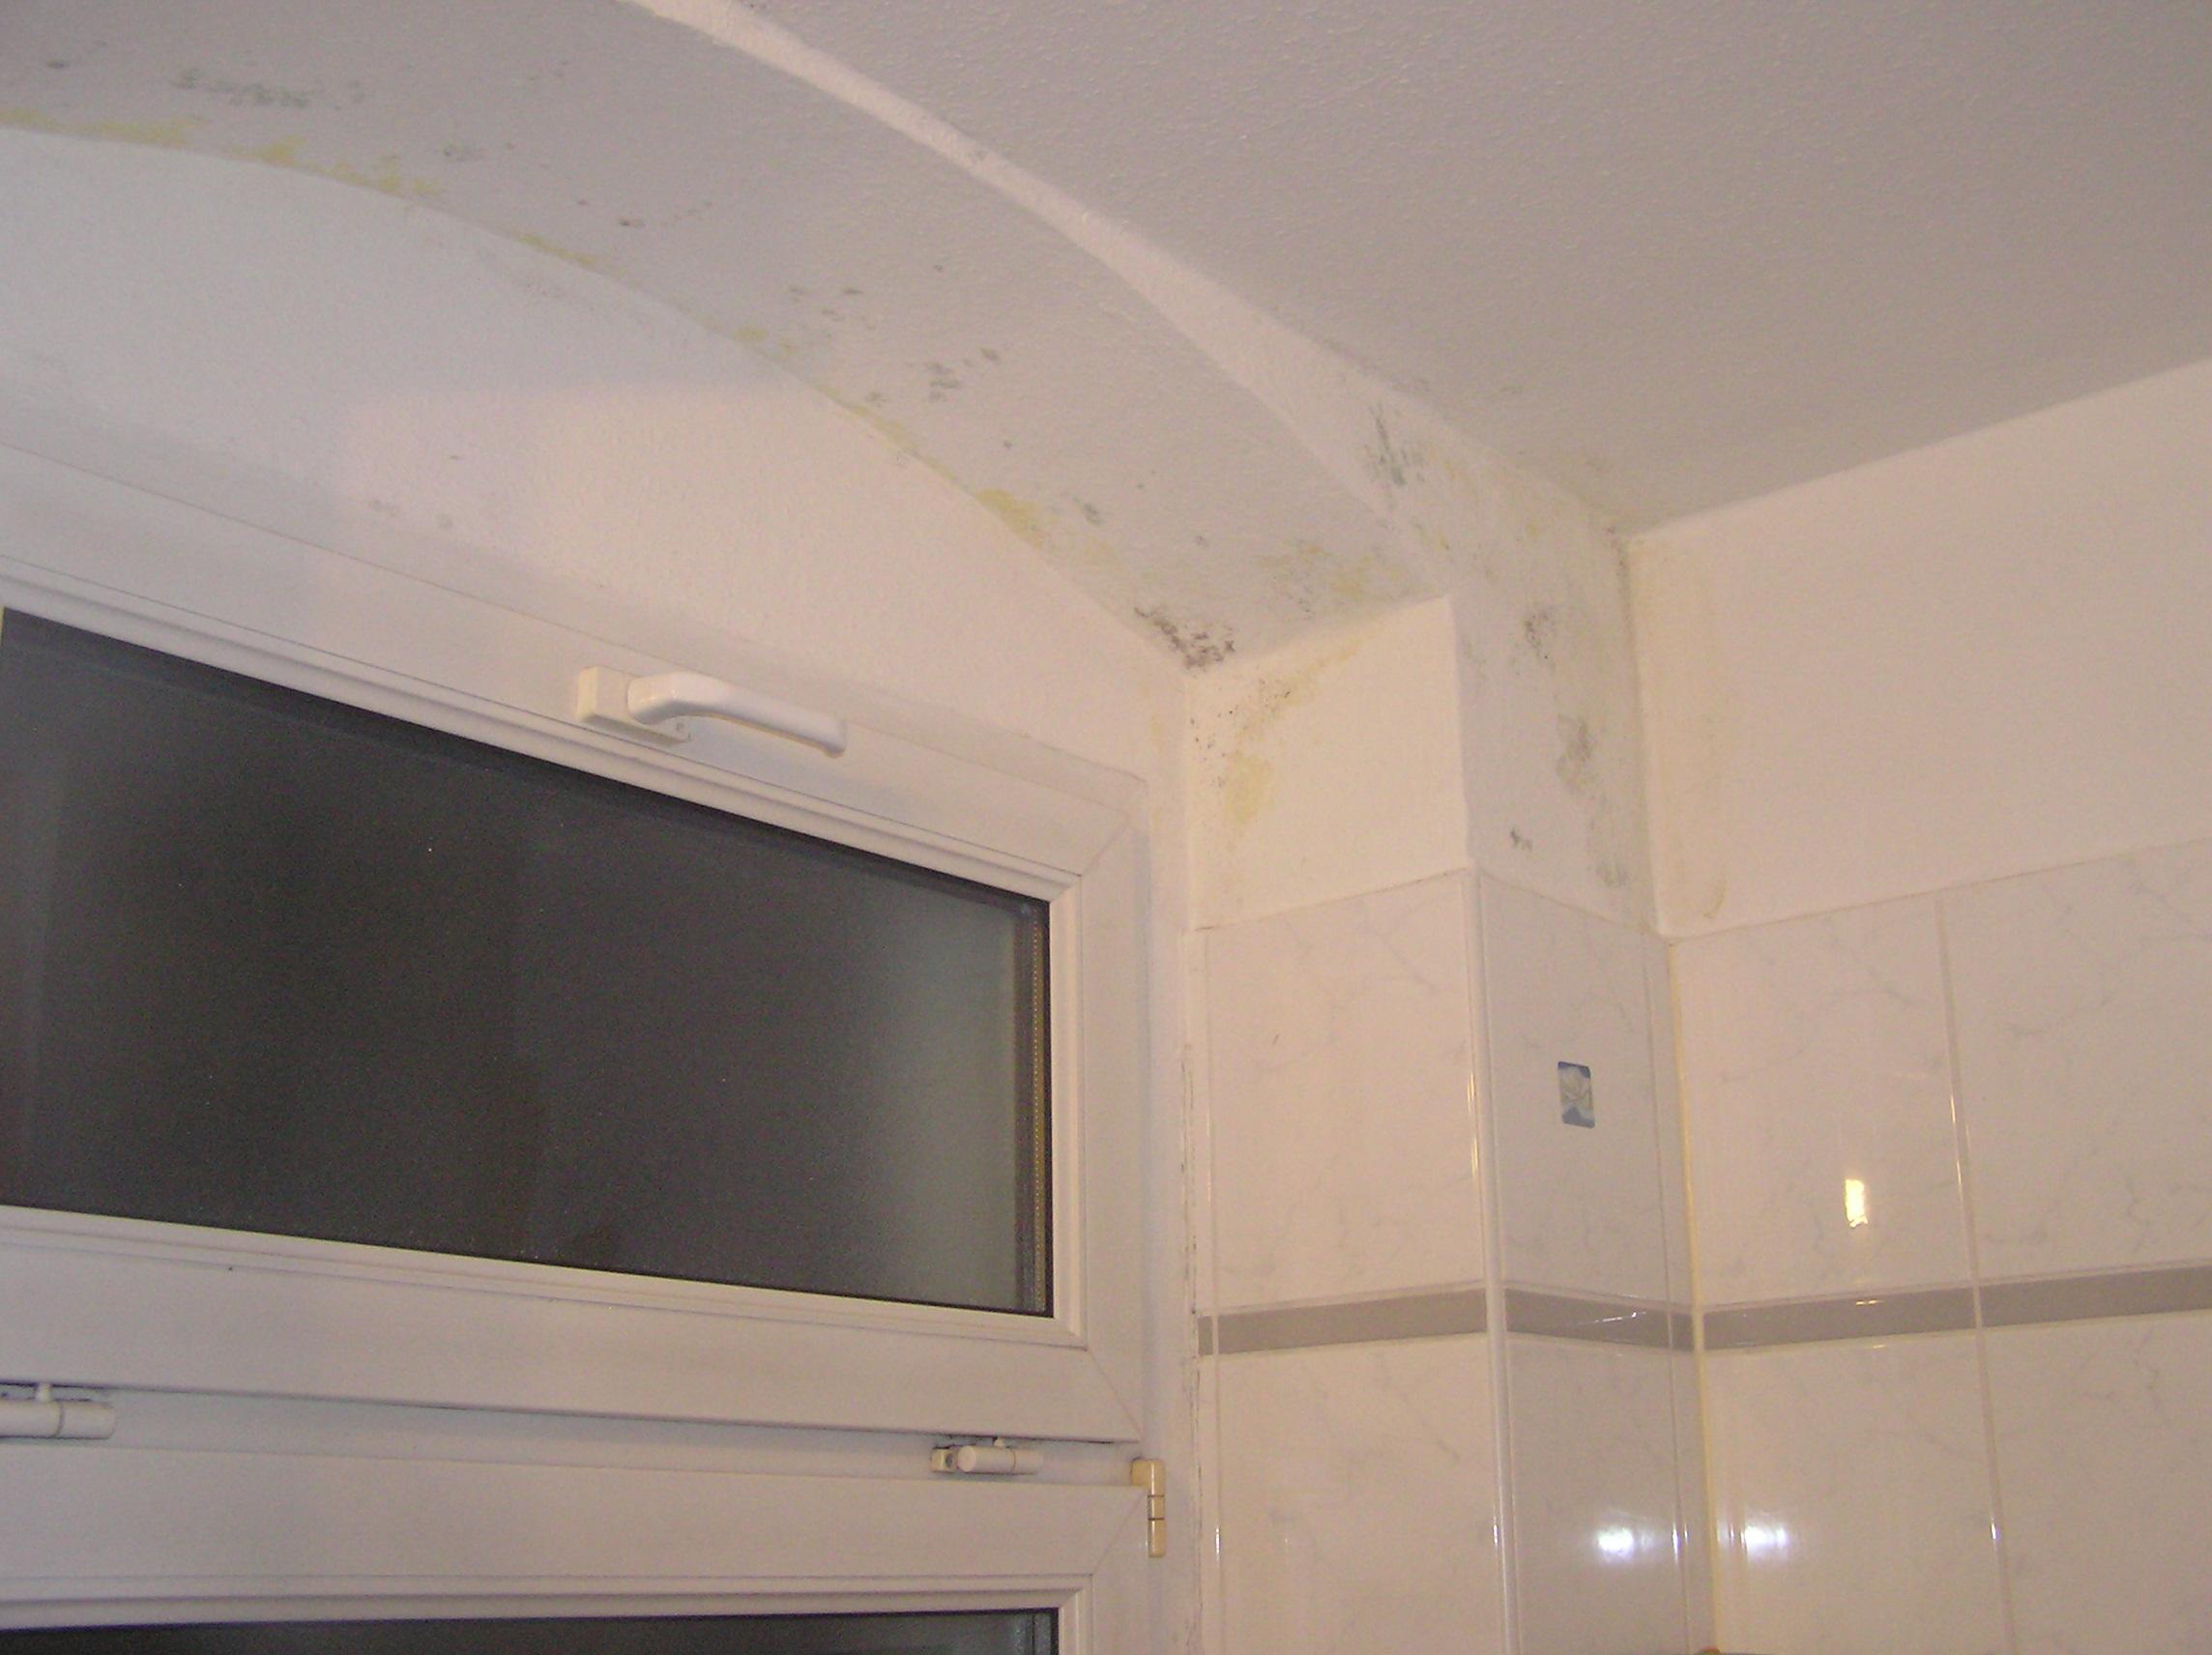 schimmelpilzbefall bauwerksanalyse dresden elektrosmog messung. Black Bedroom Furniture Sets. Home Design Ideas